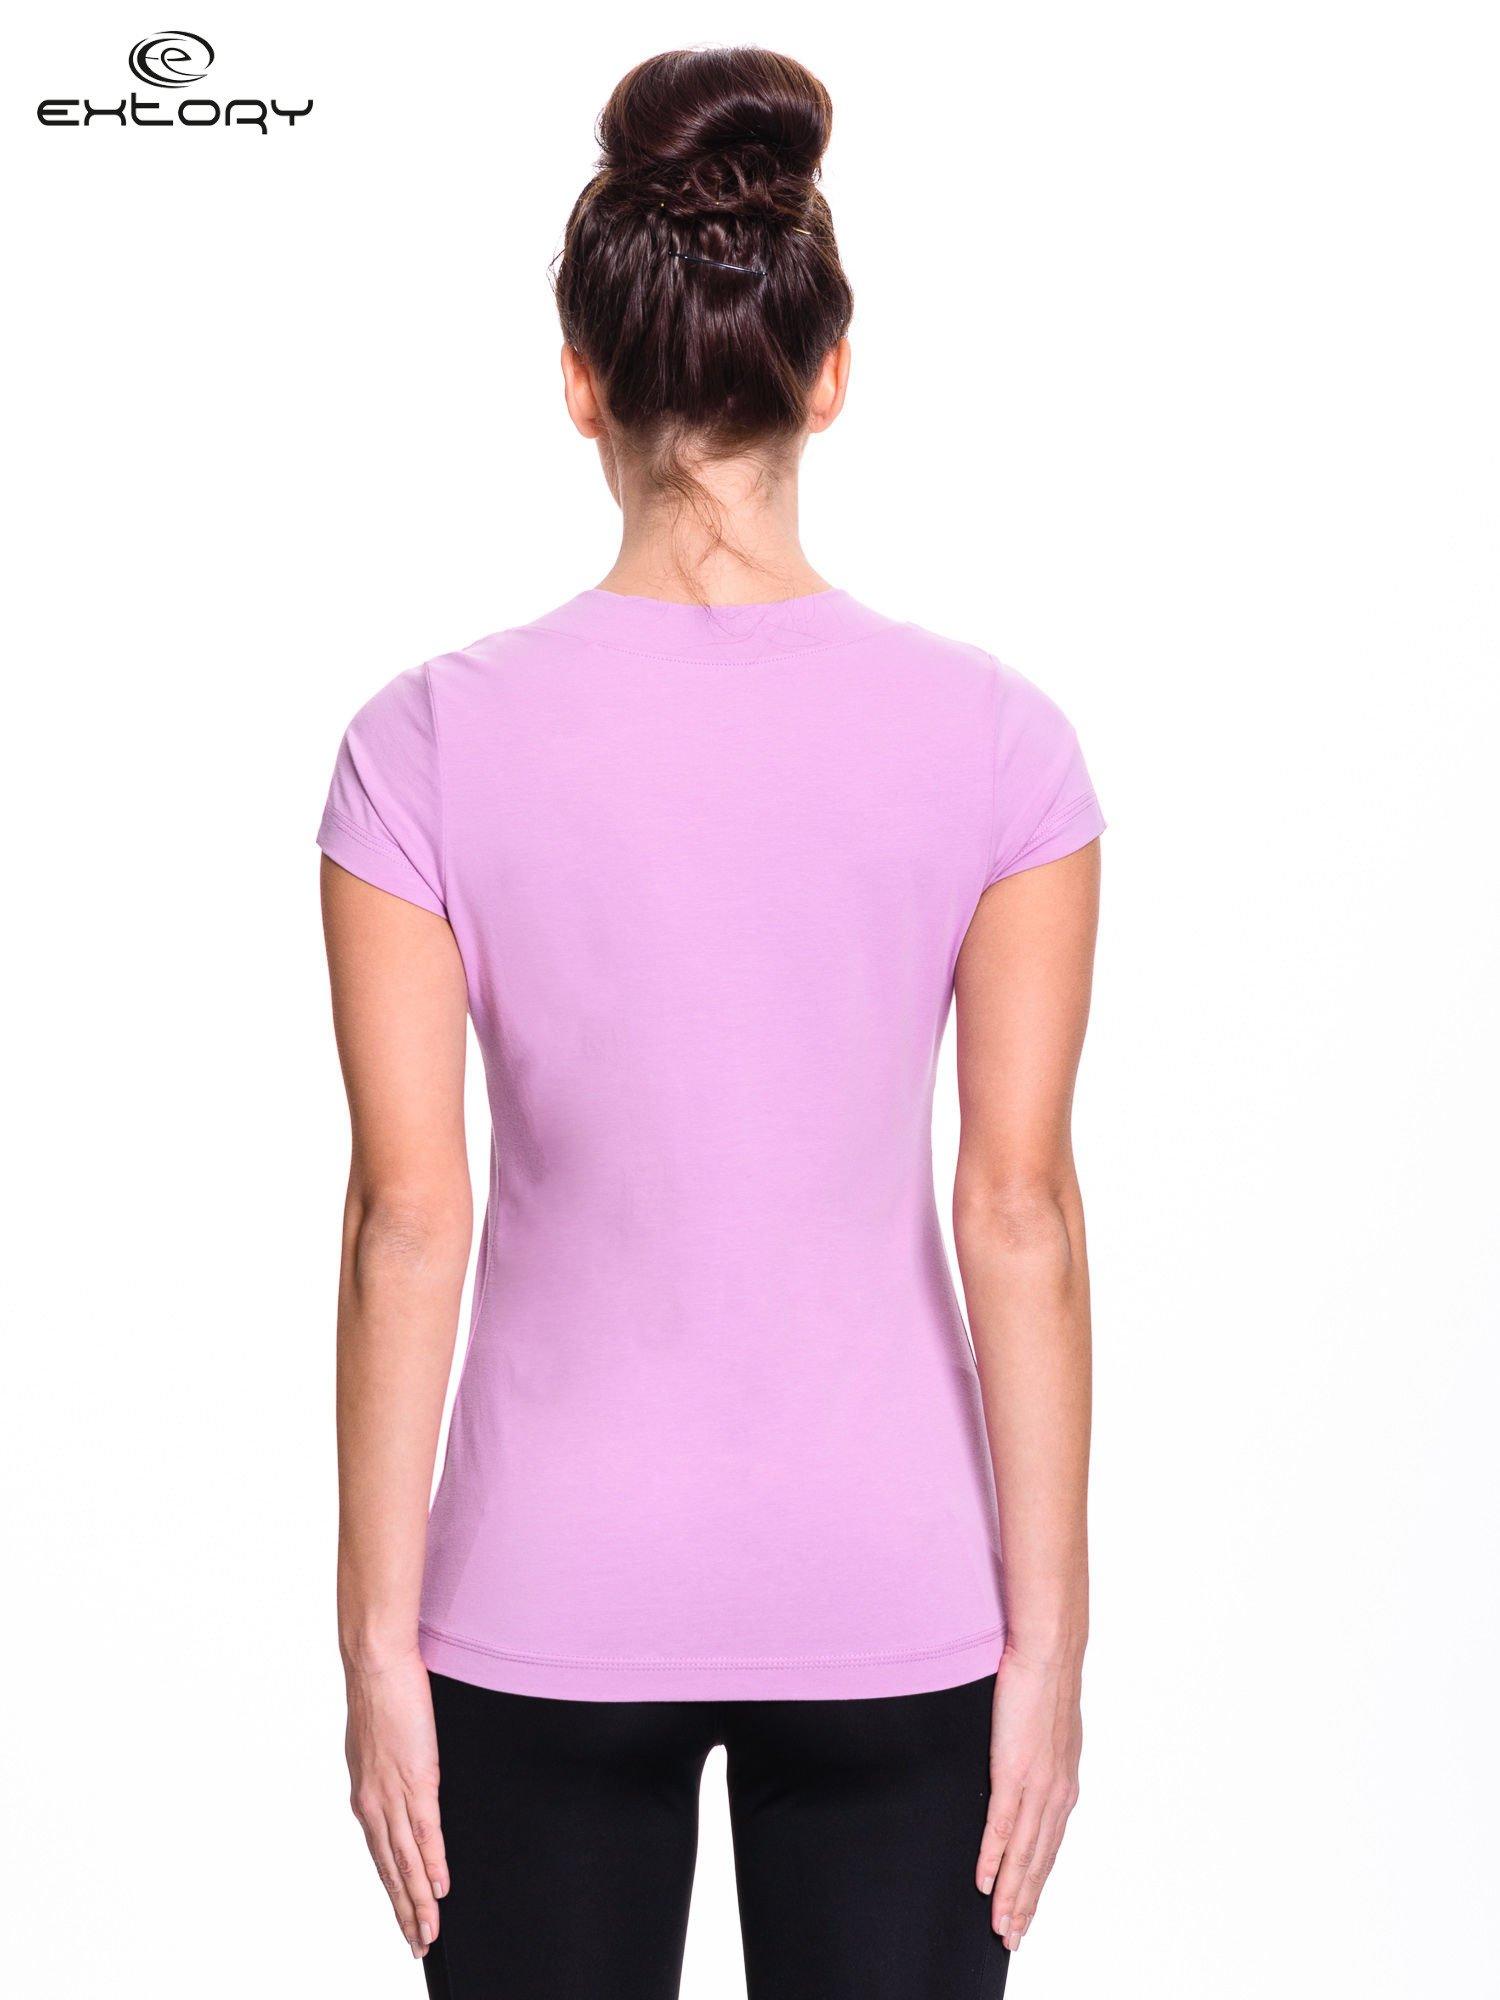 Jasnofioletowy damski t-shirt sportowy z marszczonym dekoltem                                  zdj.                                  4